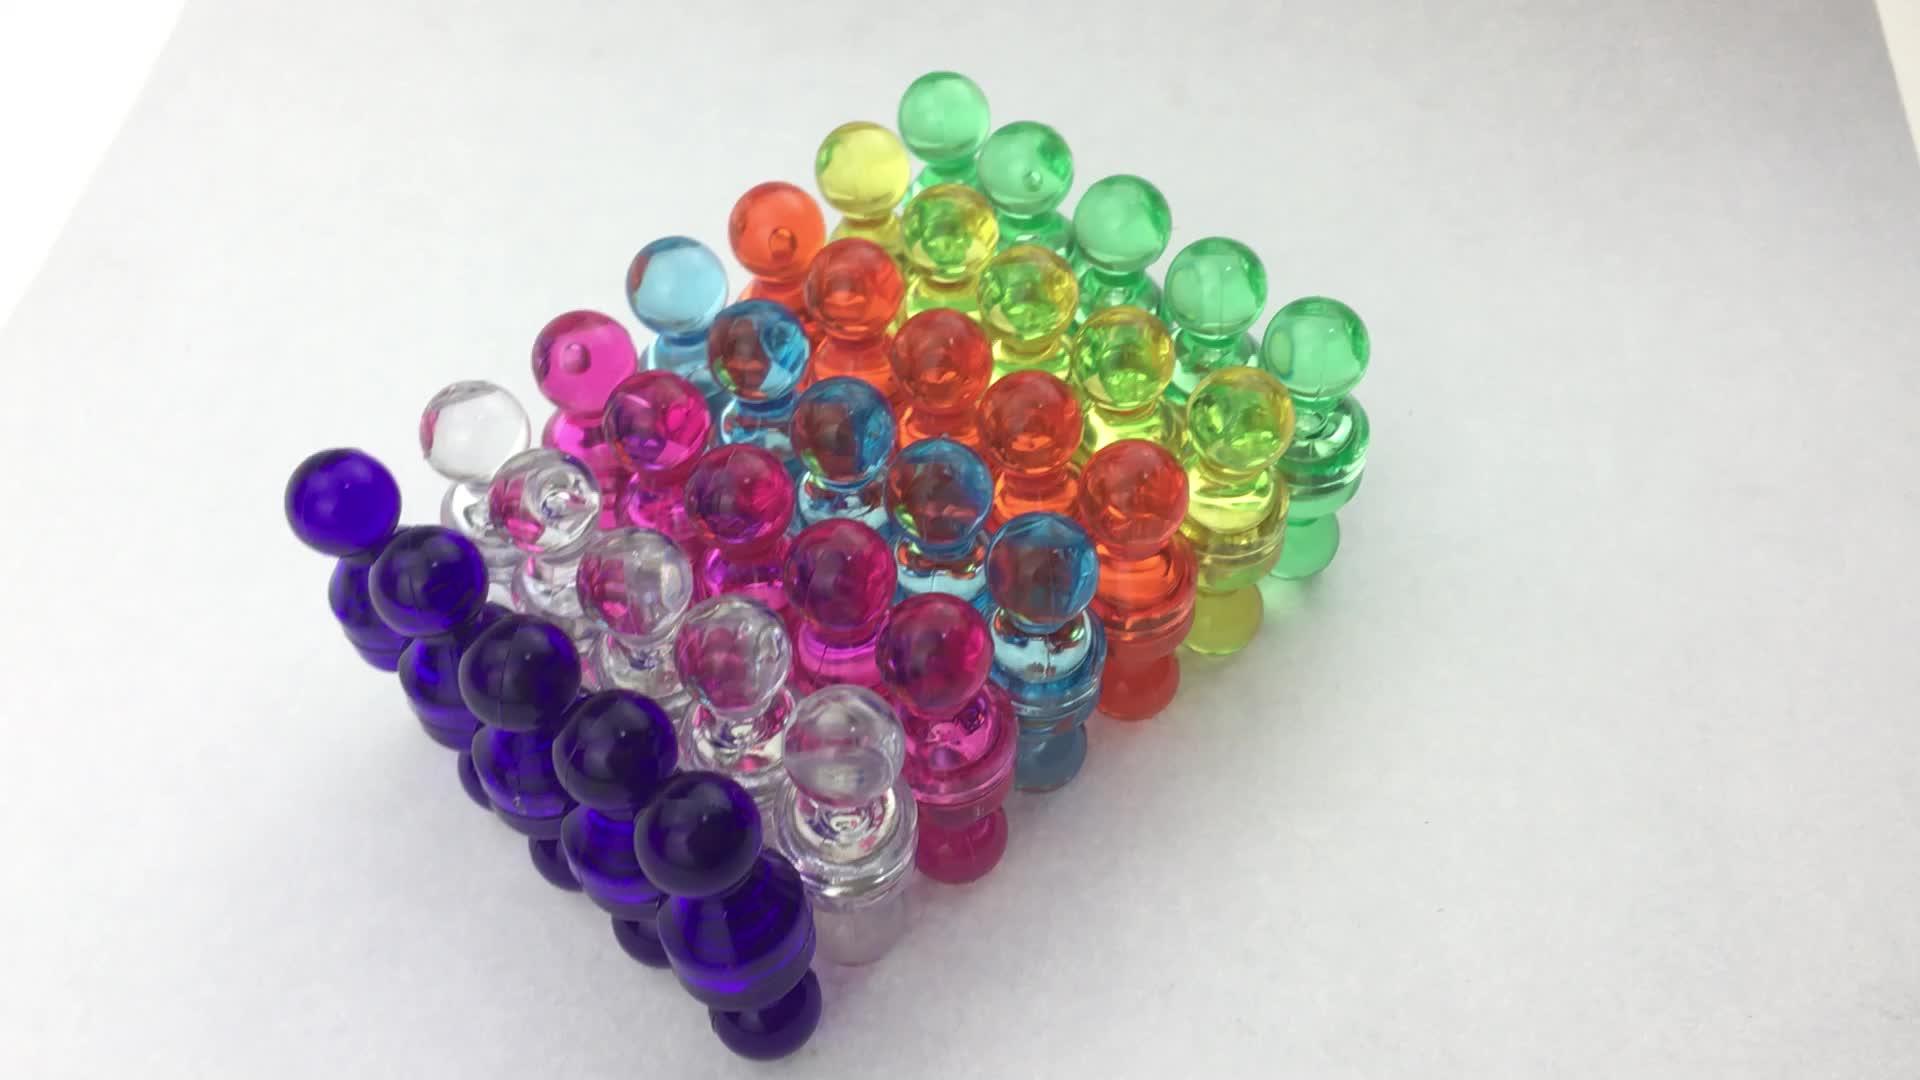 Hot Koop 80 stks 7 Diverse Kleur Magnetische Push Pins/Neodymium Magneten